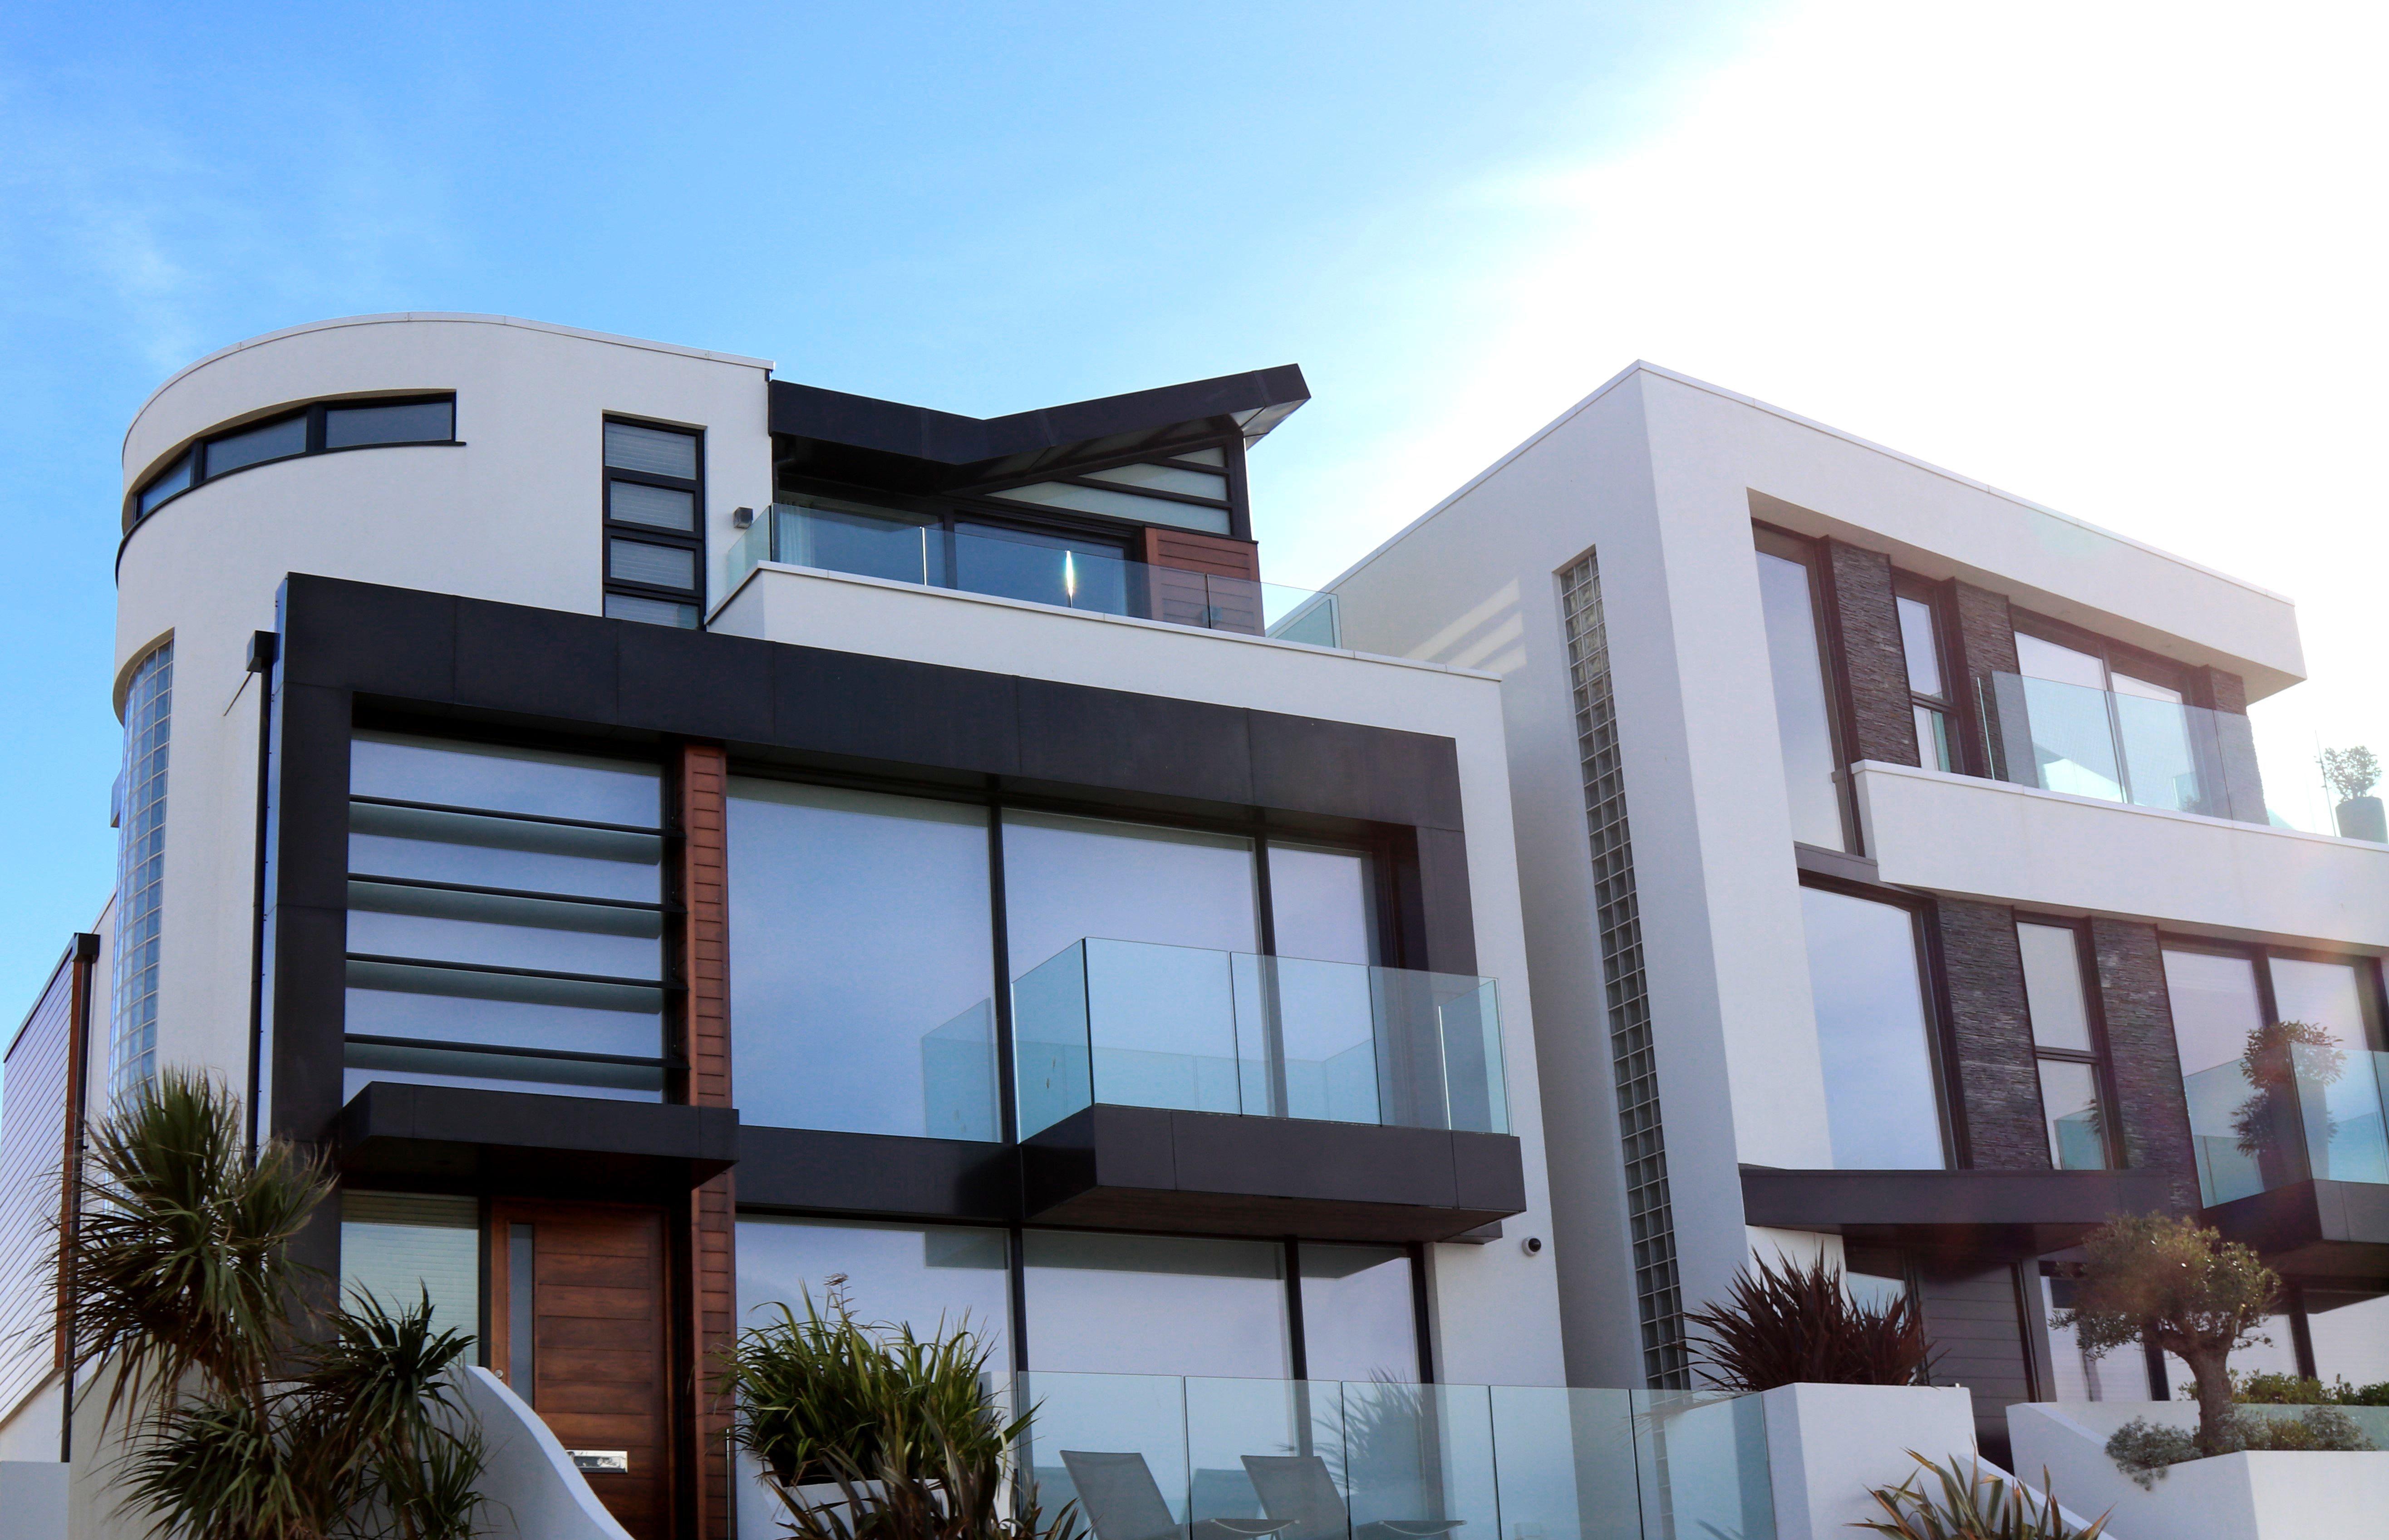 Año 2020, ¿cómo se presenta la compra y venta de viviendas este año?